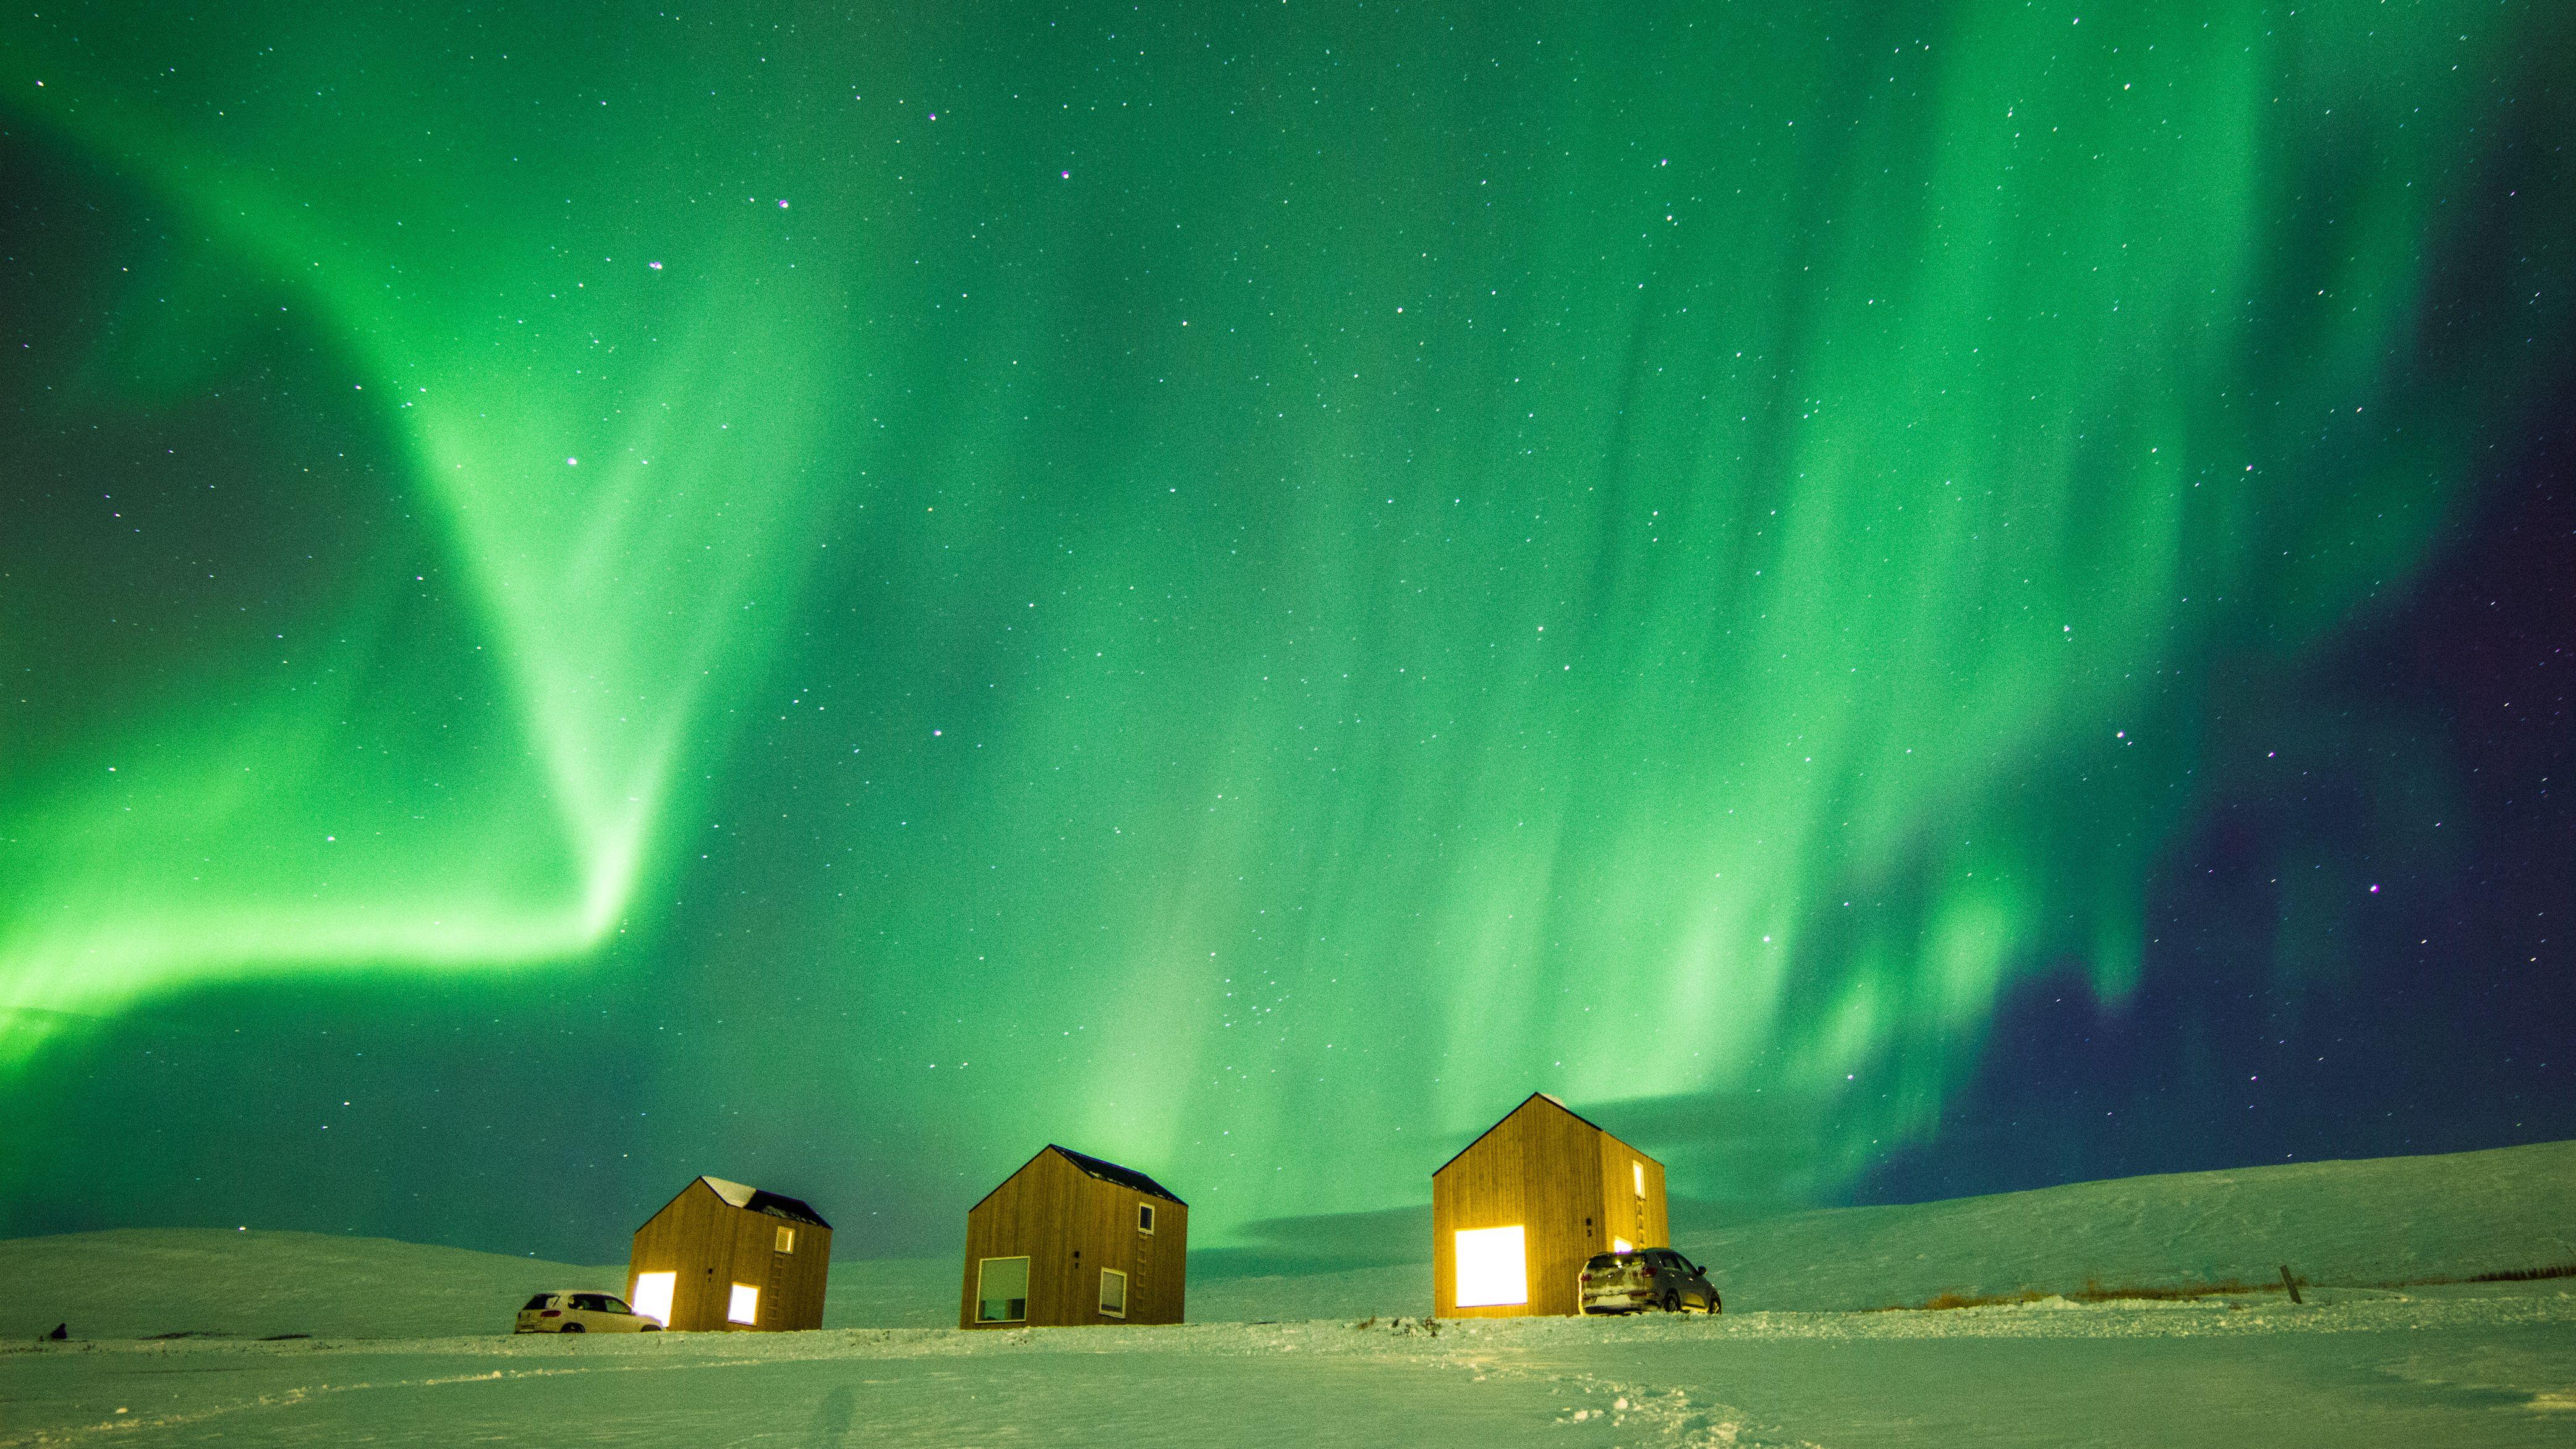 Aurora borealis as seen near Akureyri Iceland. November